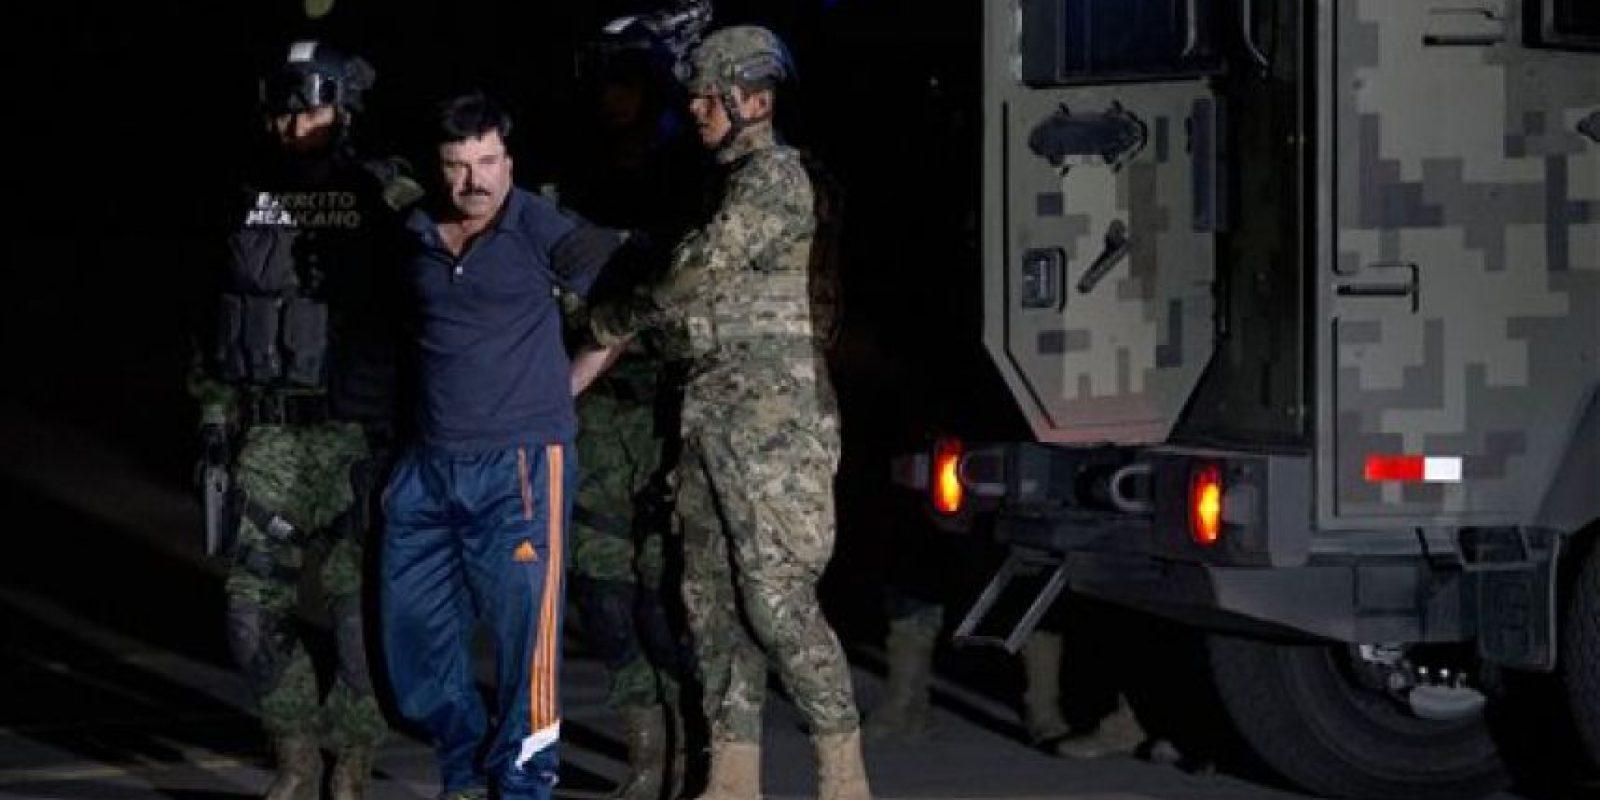 """Tras su captura fue encerrado en el penal de máxima seguridad """"El Altiplano"""". Foto:AP"""